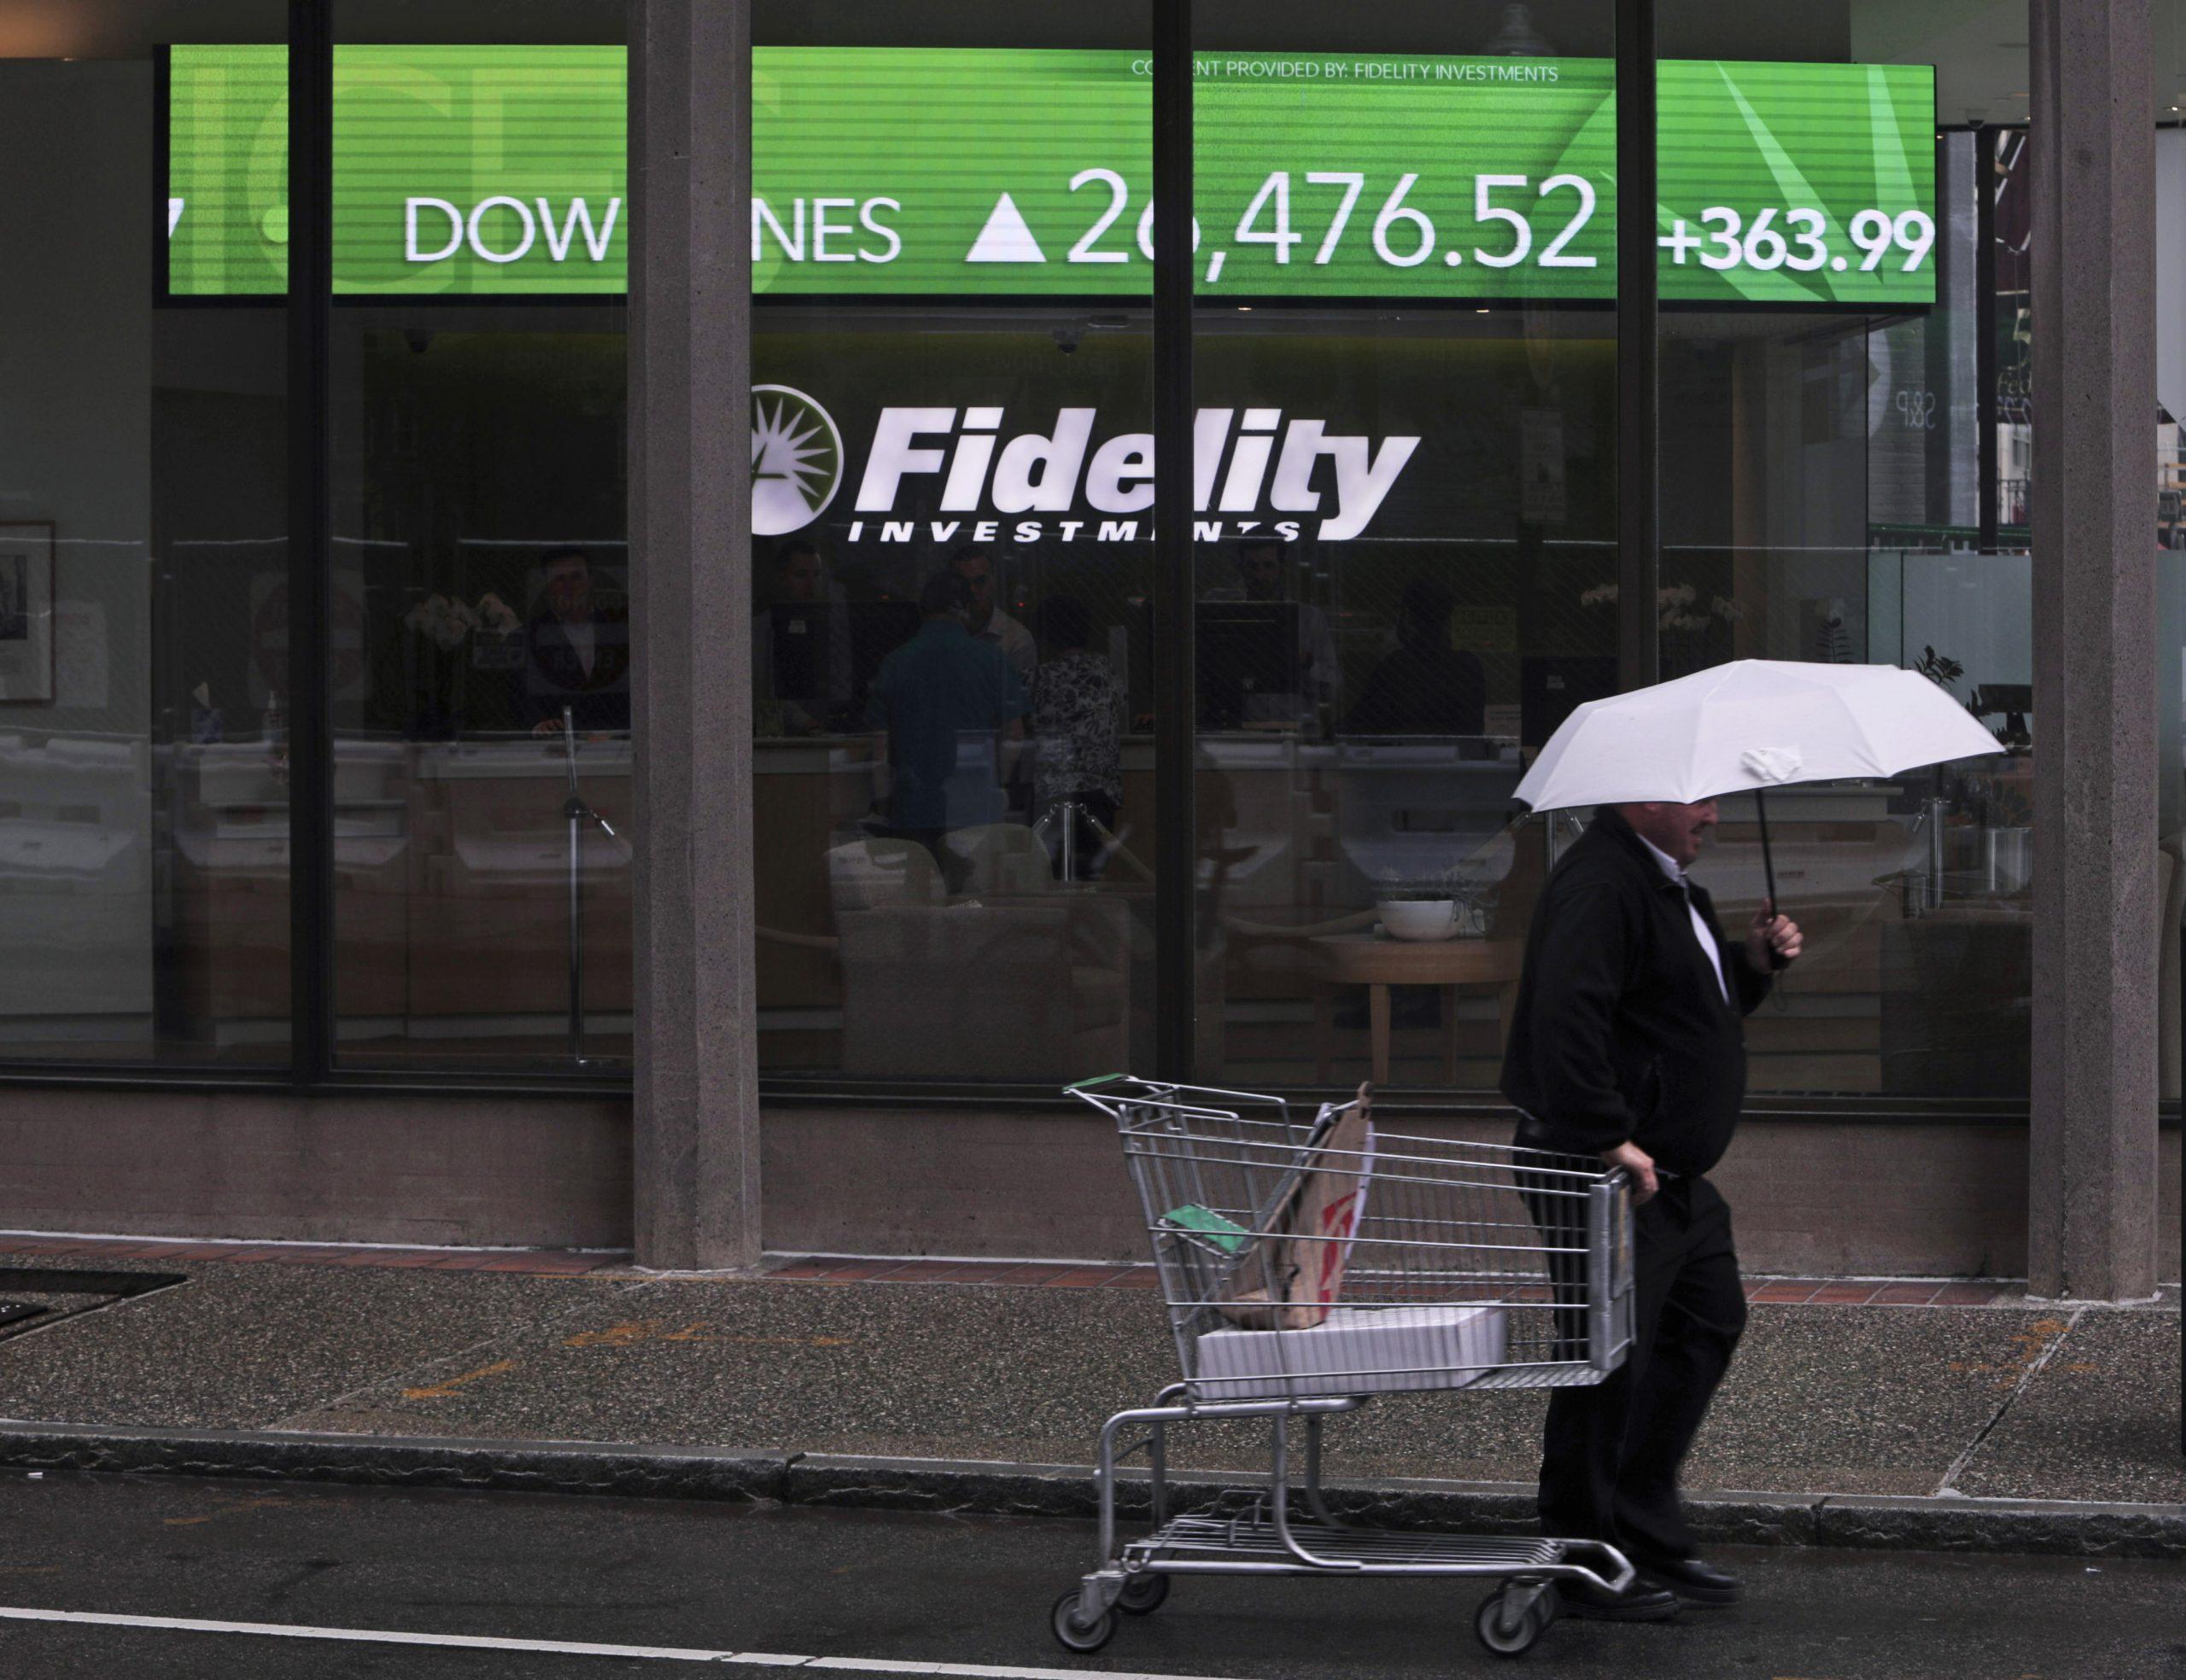 Fidelity y los obstáculos corporativos a la recuperación argentina